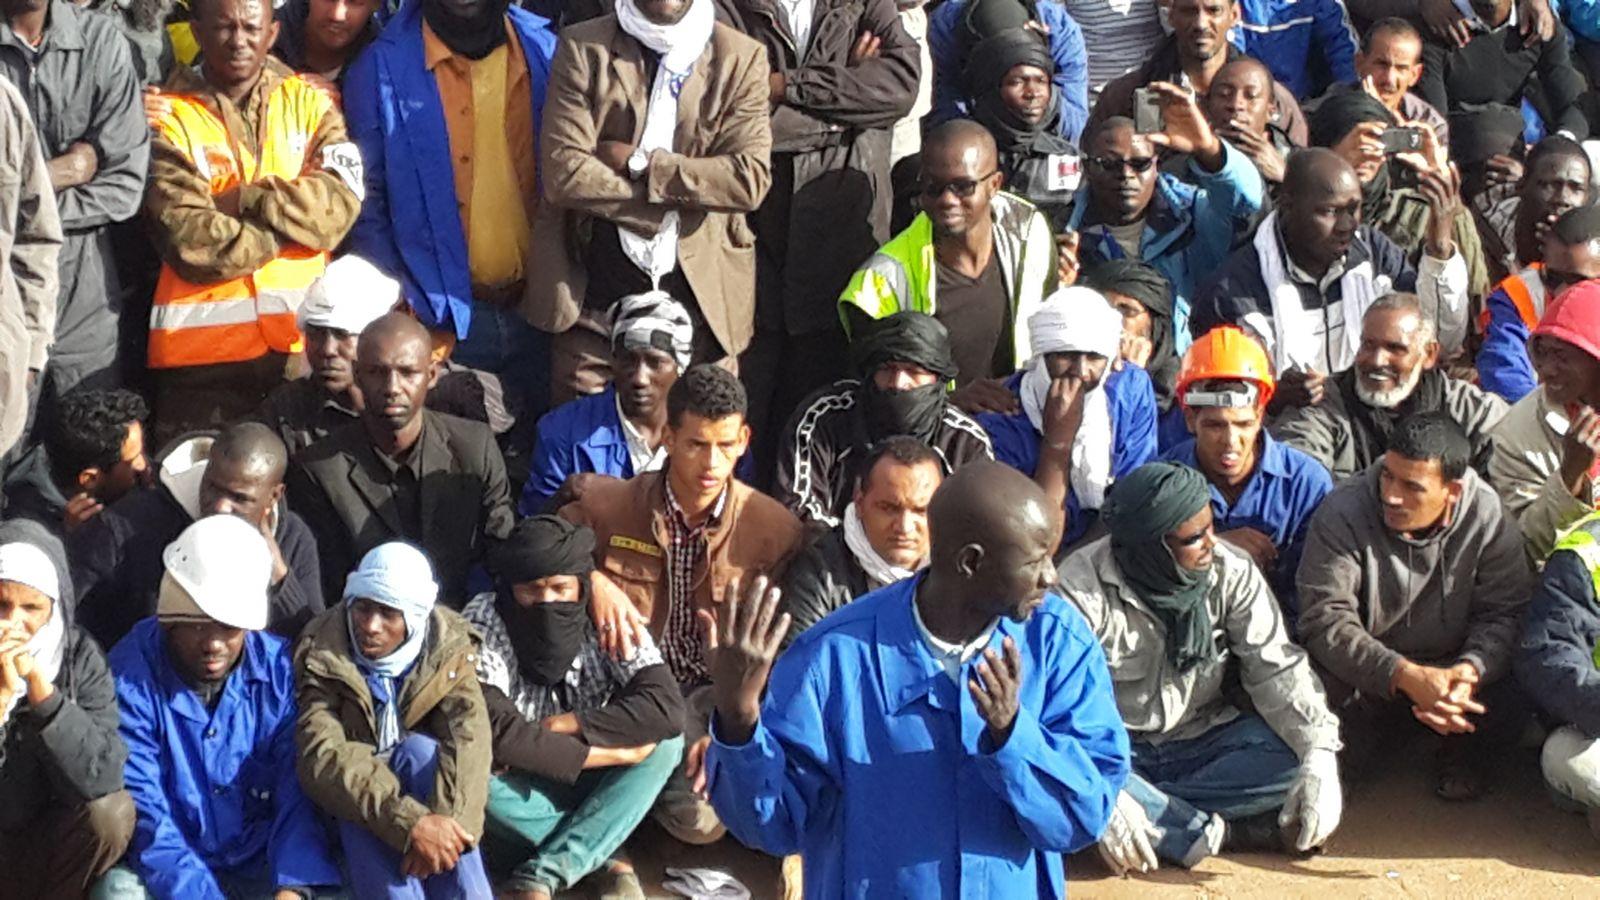 الاتحاد النقابي الدولي يتضامن مع قضية عمال